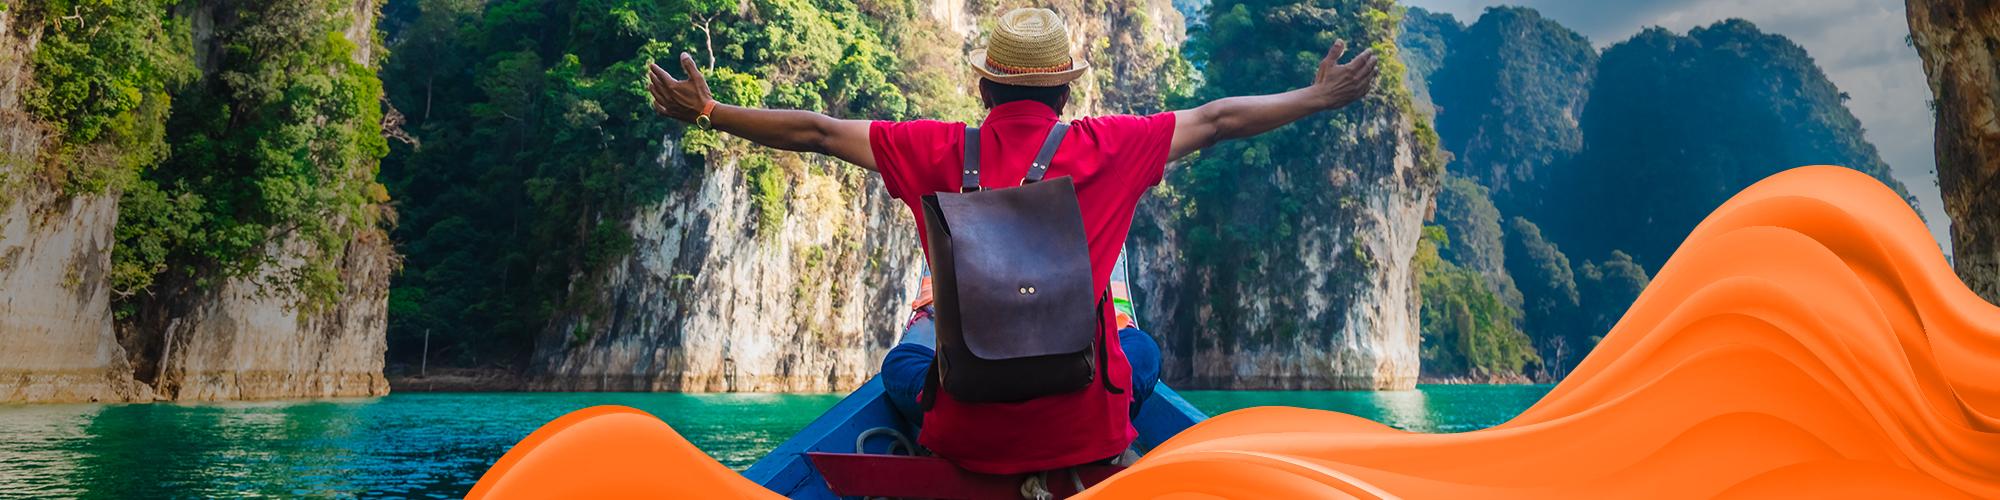 Braztoa Desvenda: Descubra as suas próximas viagens em um só lugar